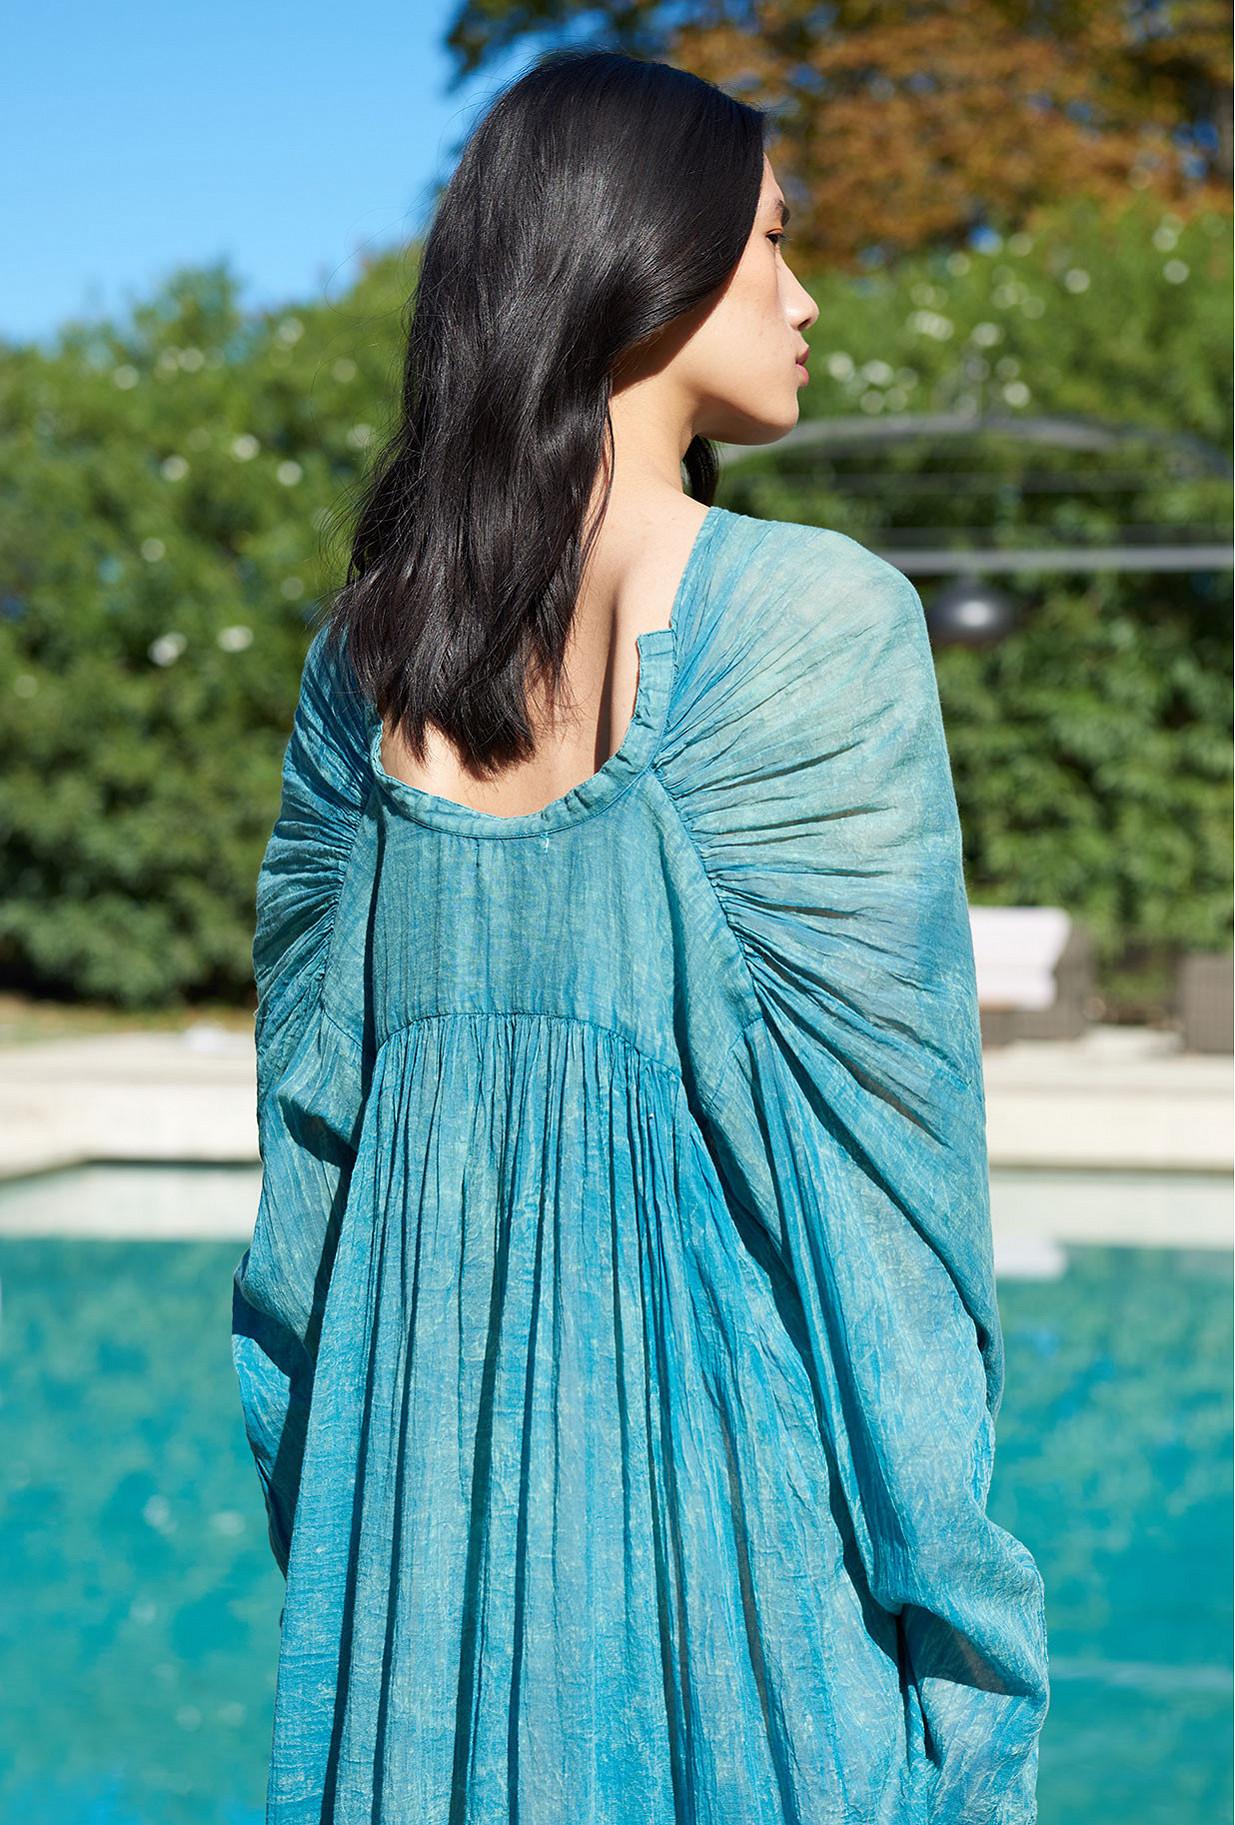 Robe Bleu  Painting mes demoiselles paris vêtement femme paris